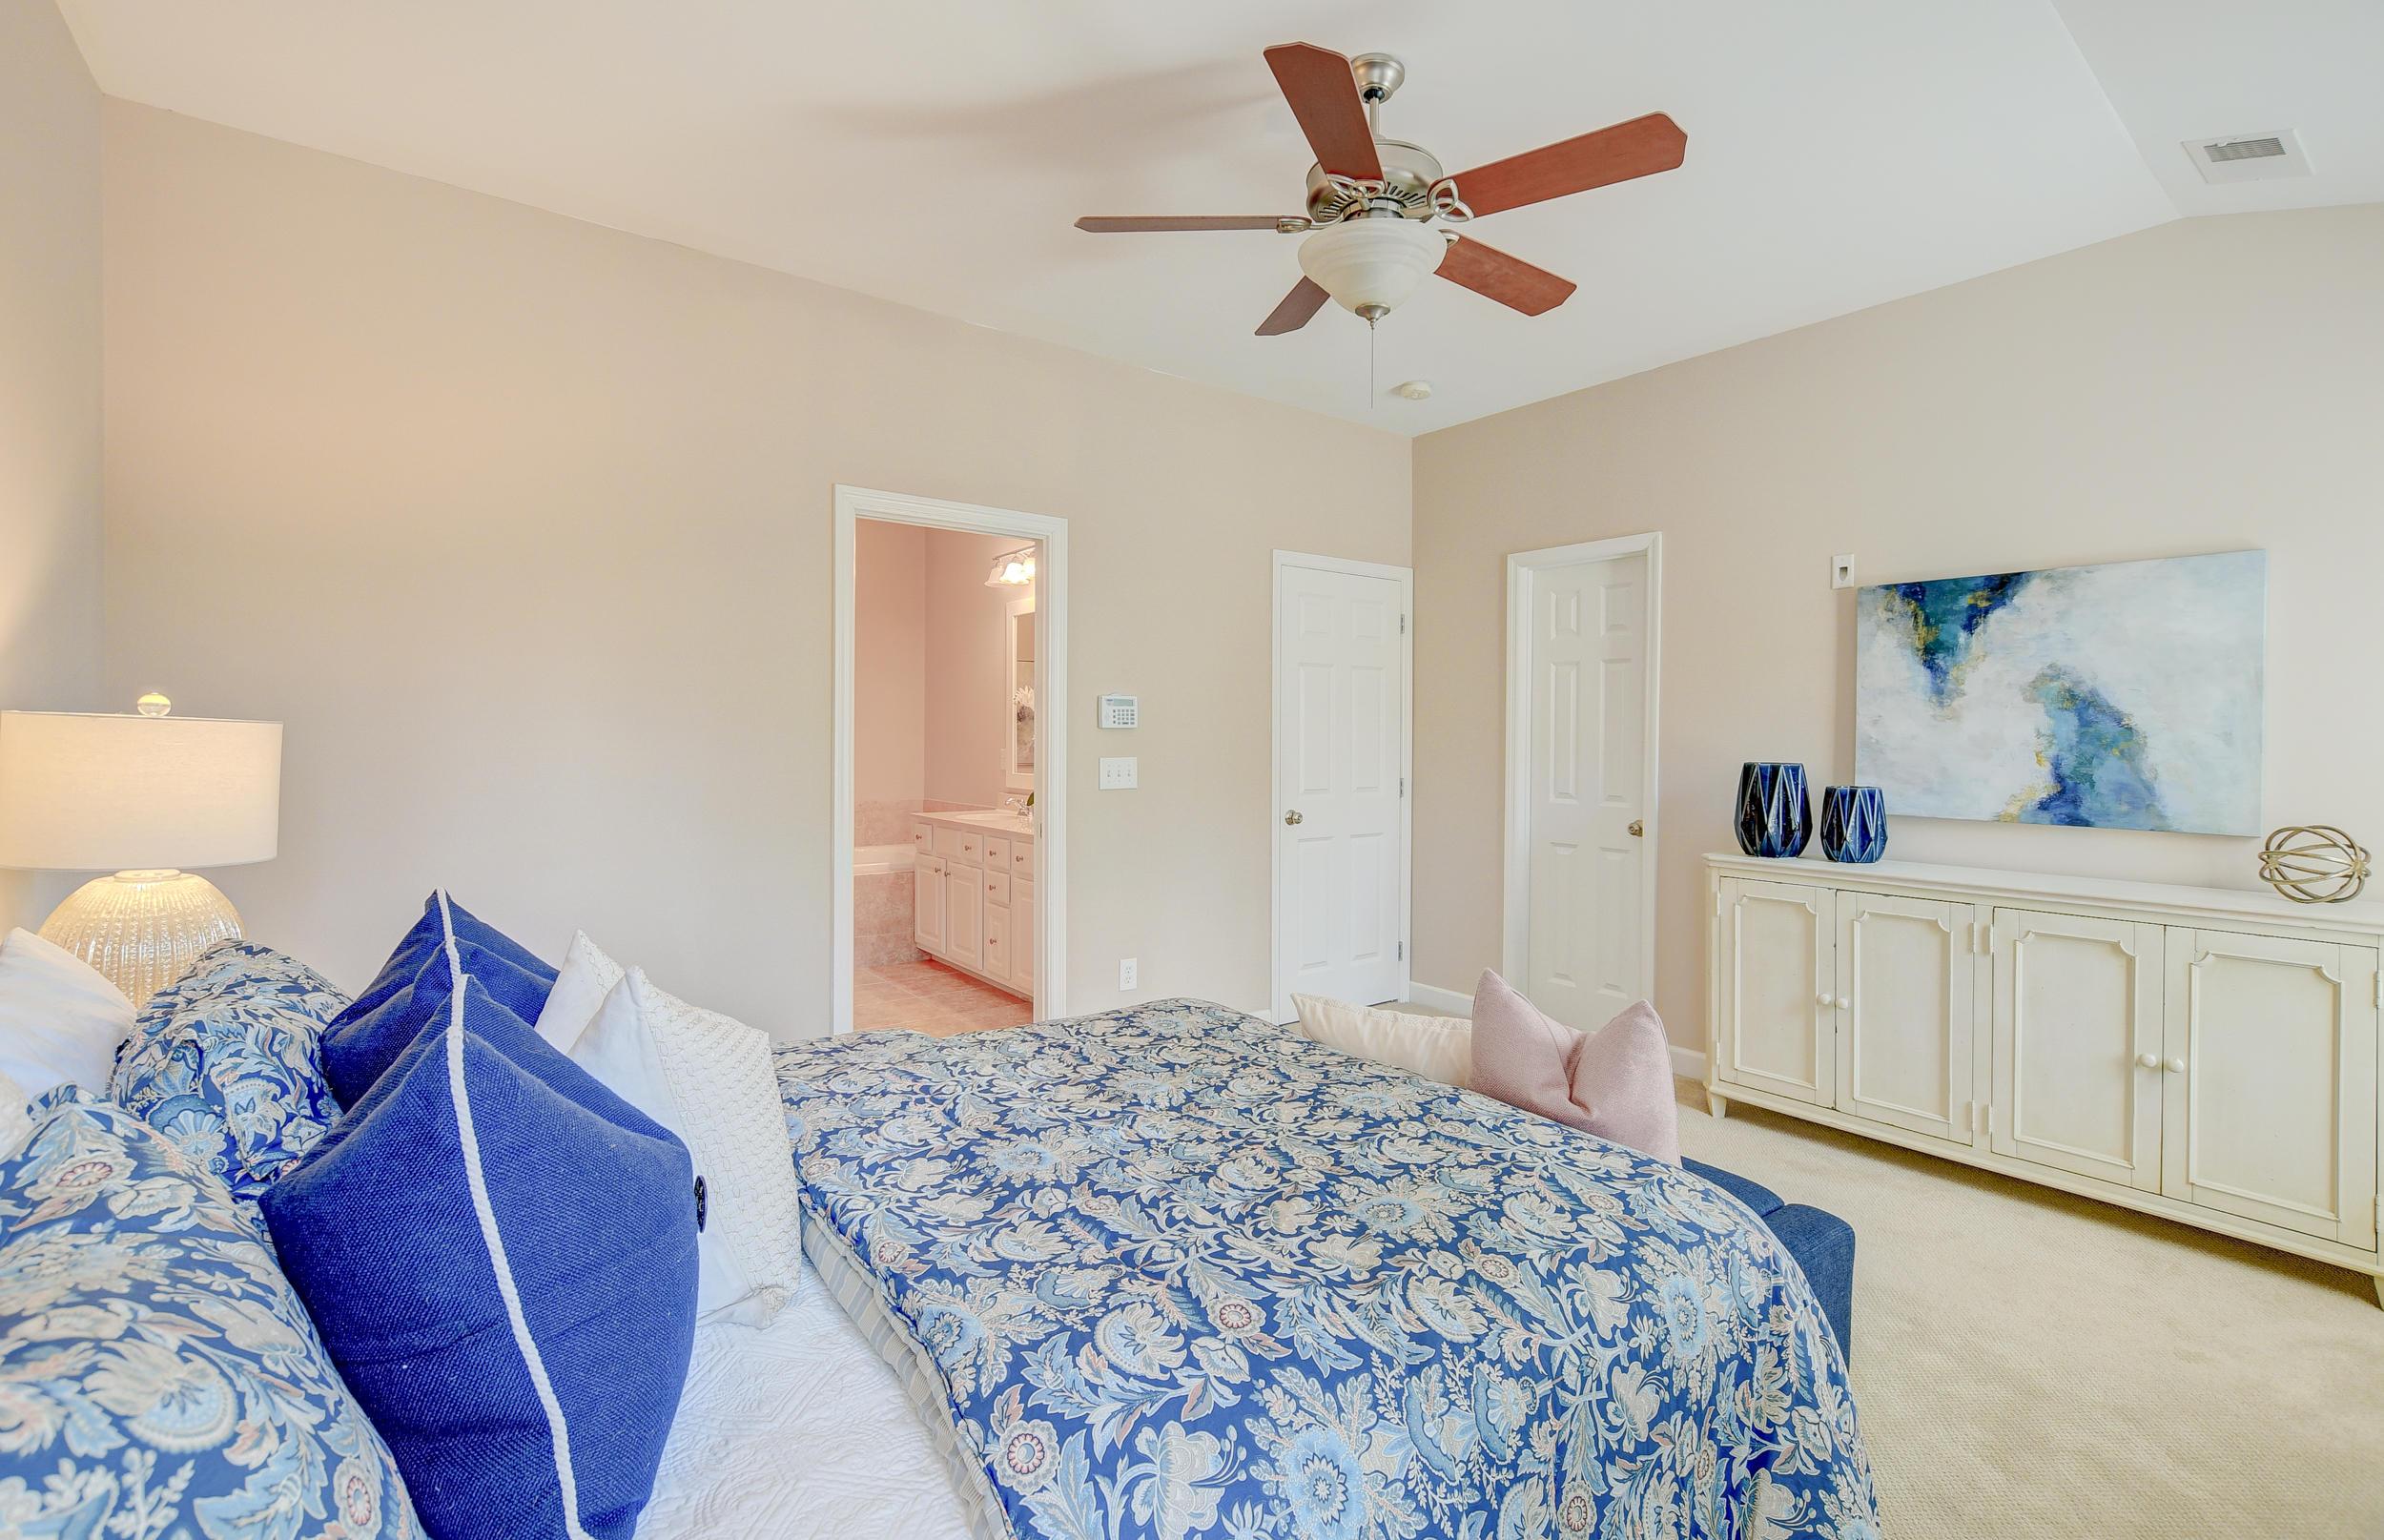 Dunes West Homes For Sale - 264 Fair Sailing, Mount Pleasant, SC - 23